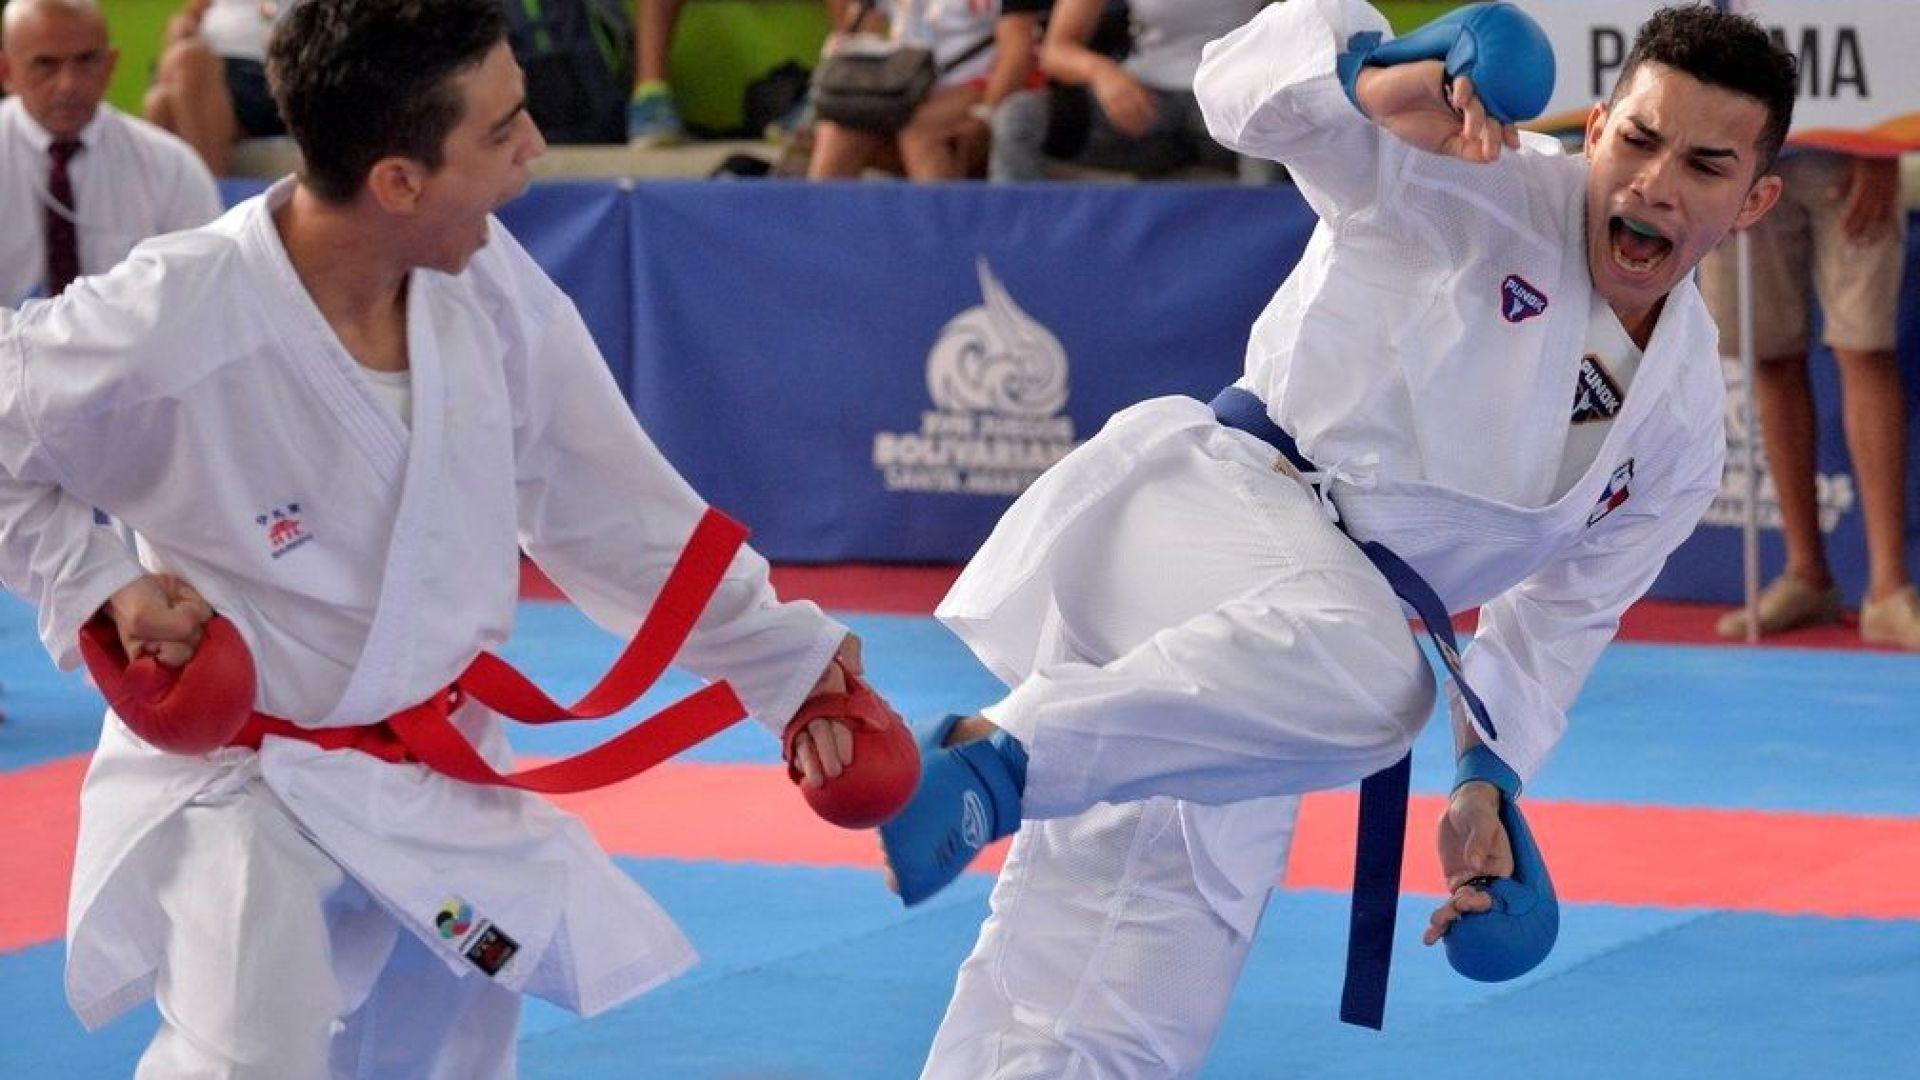 Campeonato Centroamericano y del Caribe de karate inició en Costa Rica